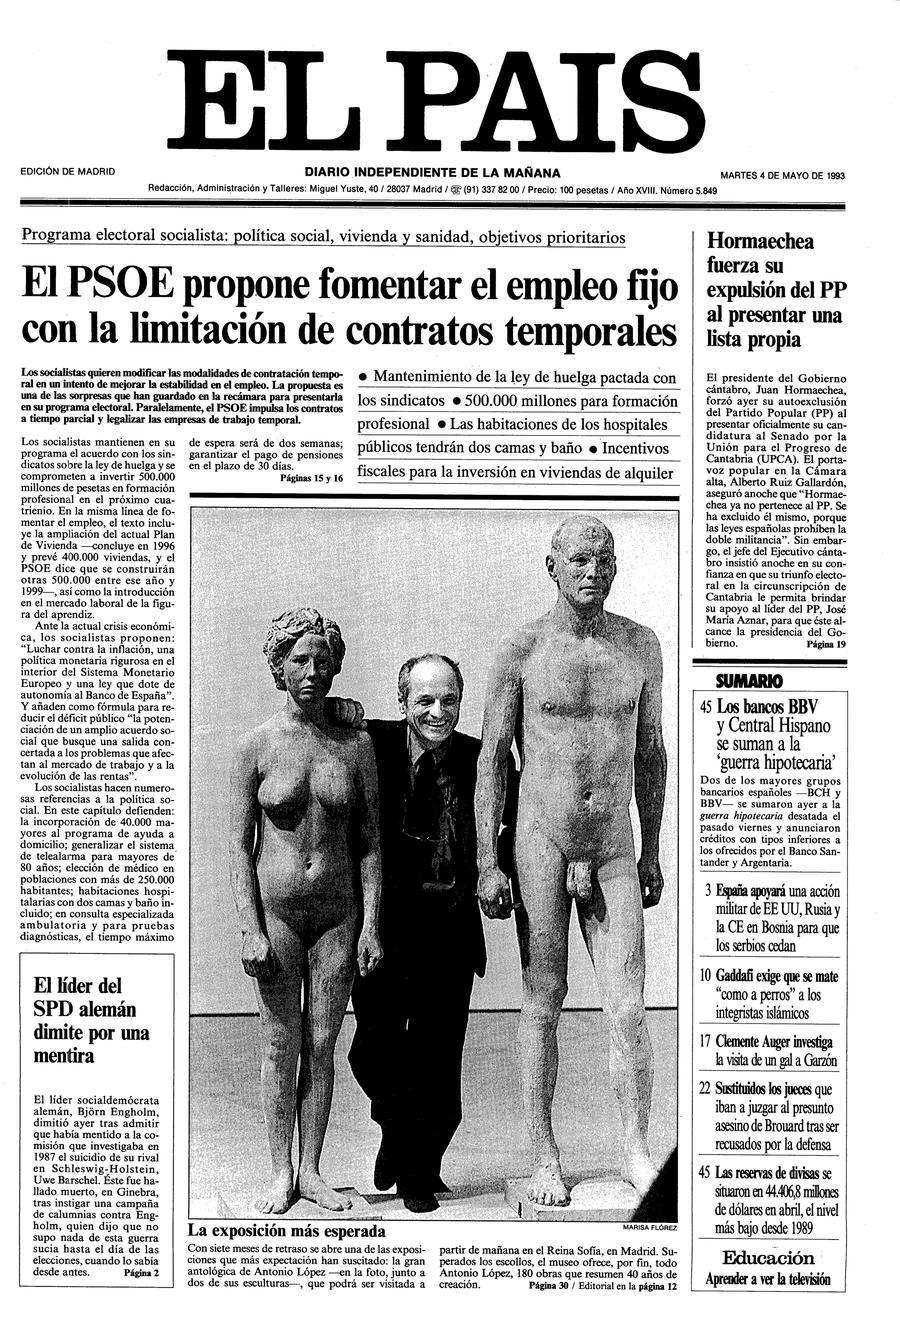 4 de Mayo de 1993